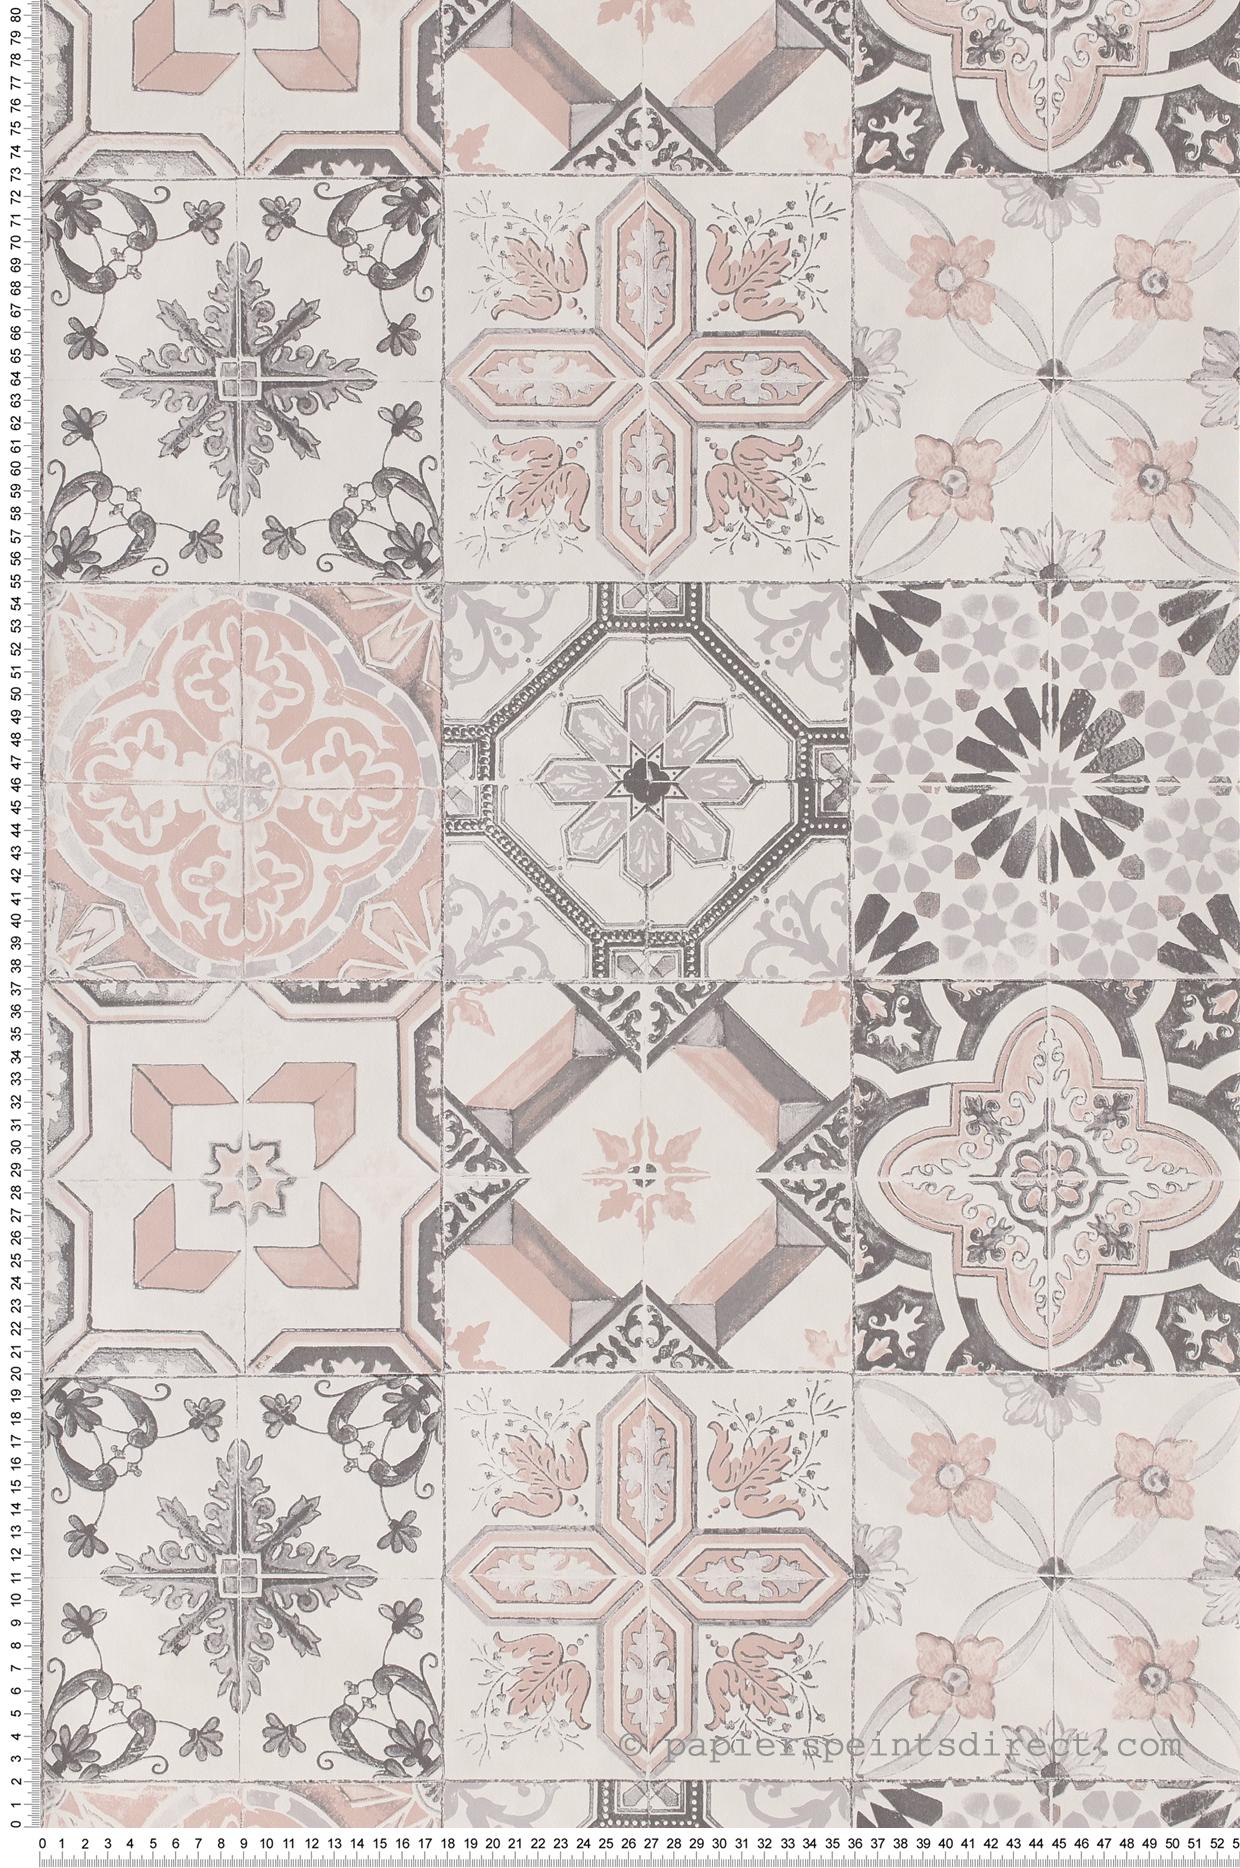 Tapisserie Carreaux De Ciment carreaux de ciment rose-gris - collection material de casélio